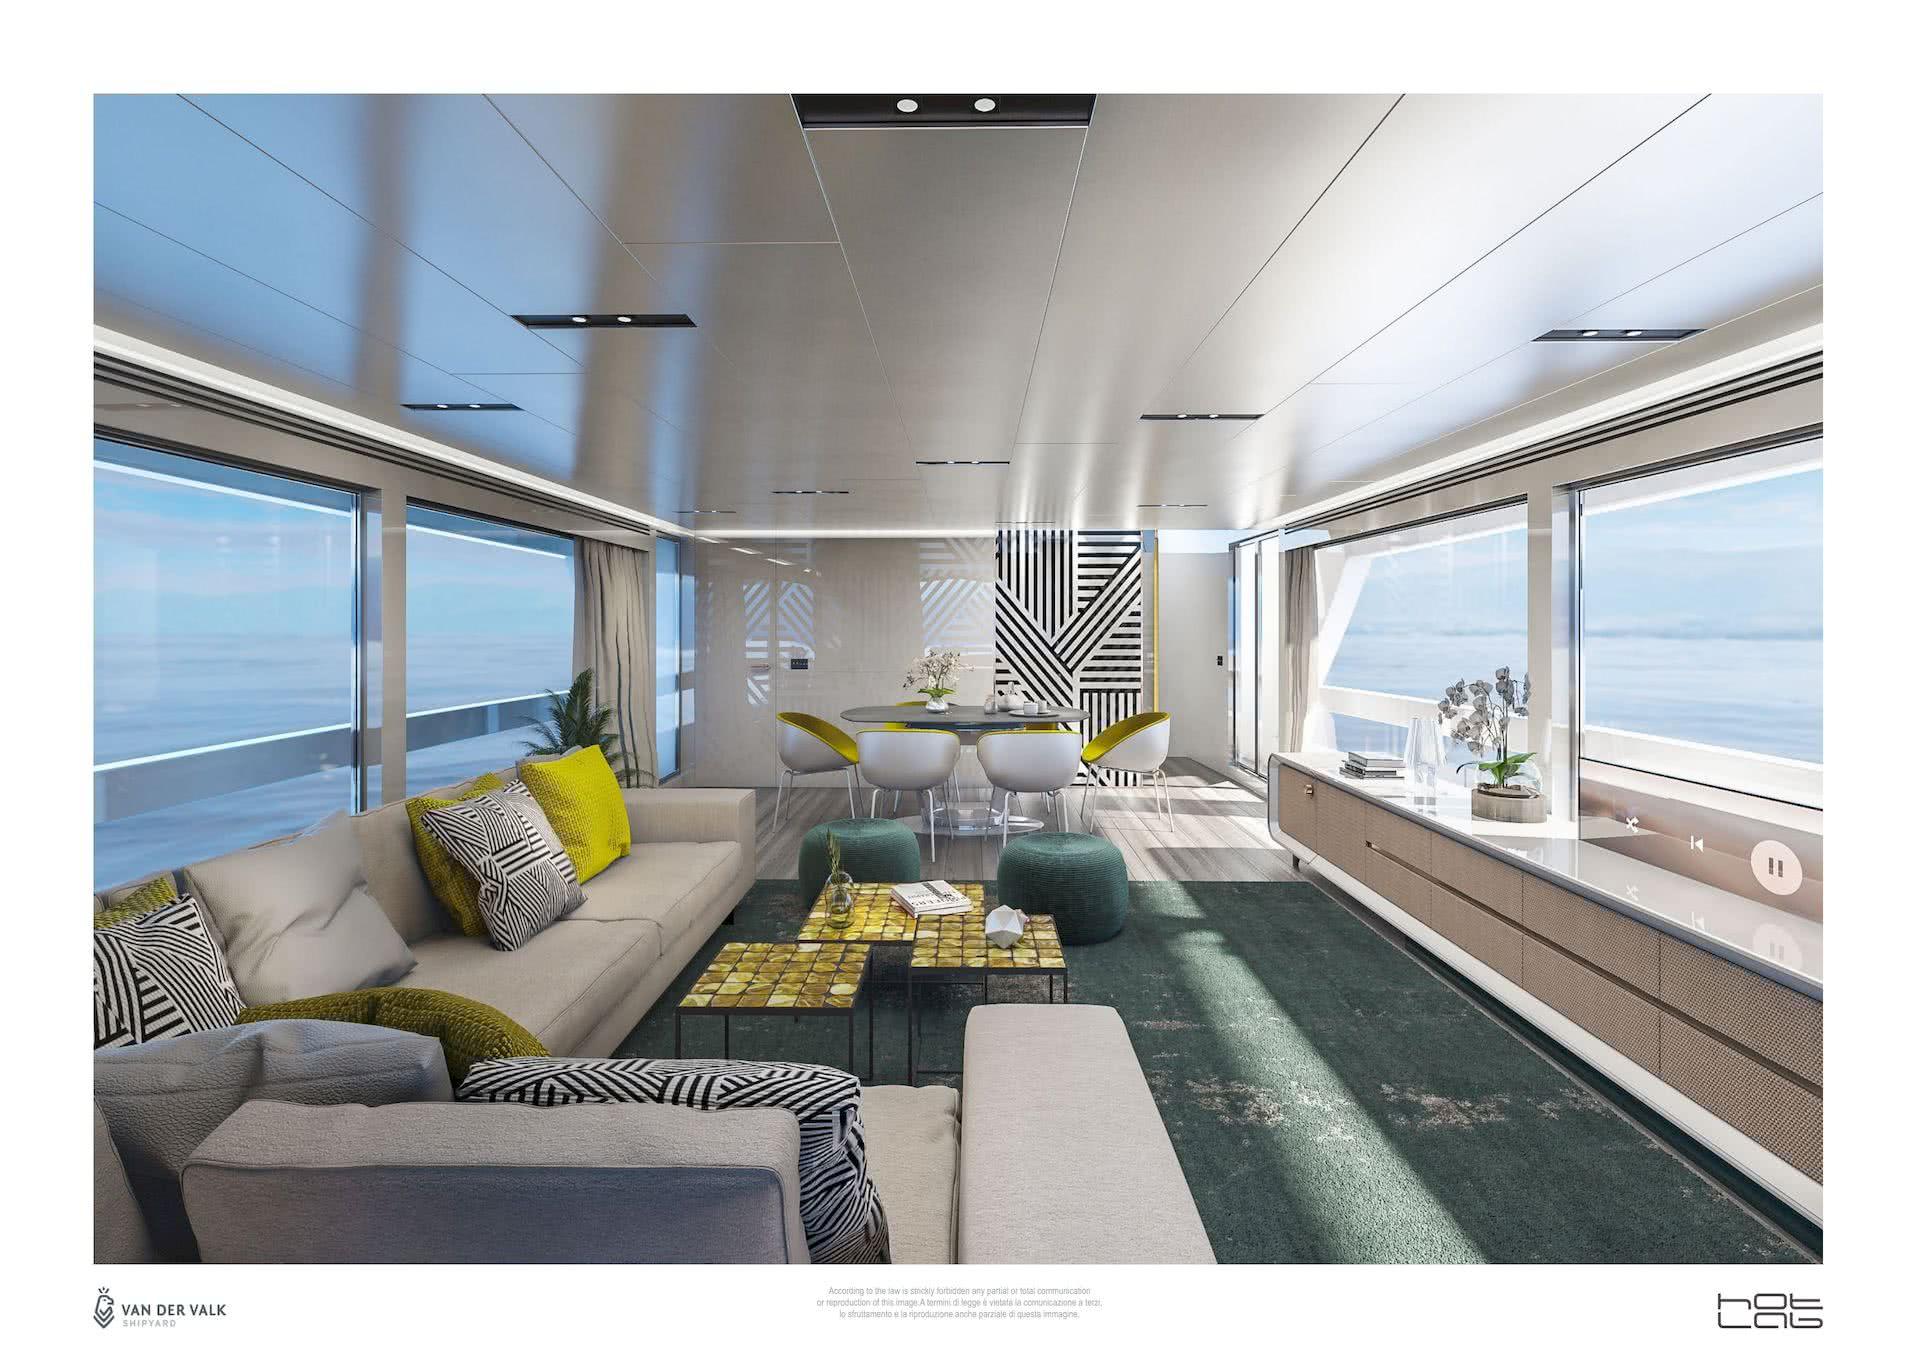 Van der Valk Pilot Interior Design